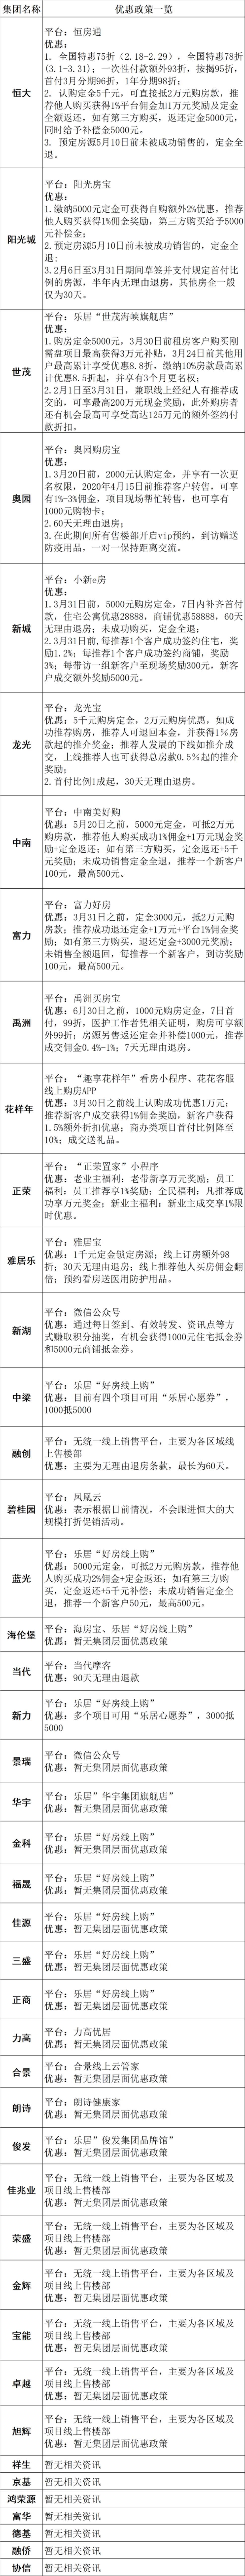 房企自建平台抢客 第三方火速上新 线上之争 谁是最终赢家?-中国网地产